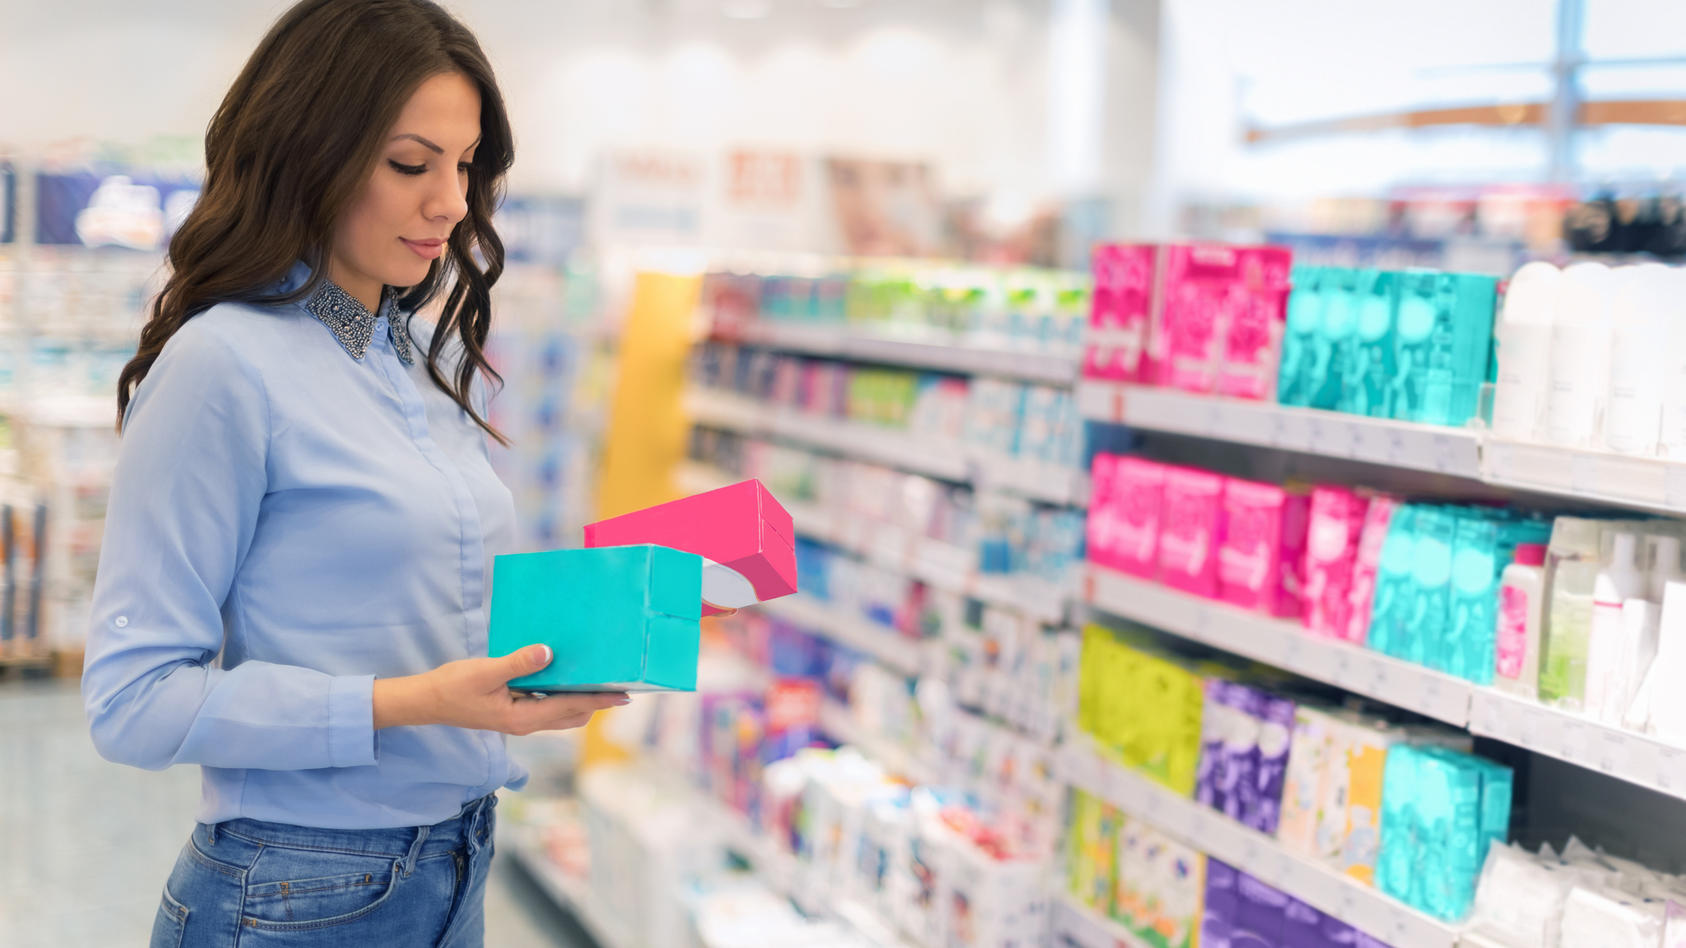 Nachdem dm am 2. Dezember mitteilte, dass der Drogeriemarkt Menstruationsprodukte wie Binden und Tampons schon vor dem kommende Jahr günstiger verkauft, zog nun auch Rossmann nach.